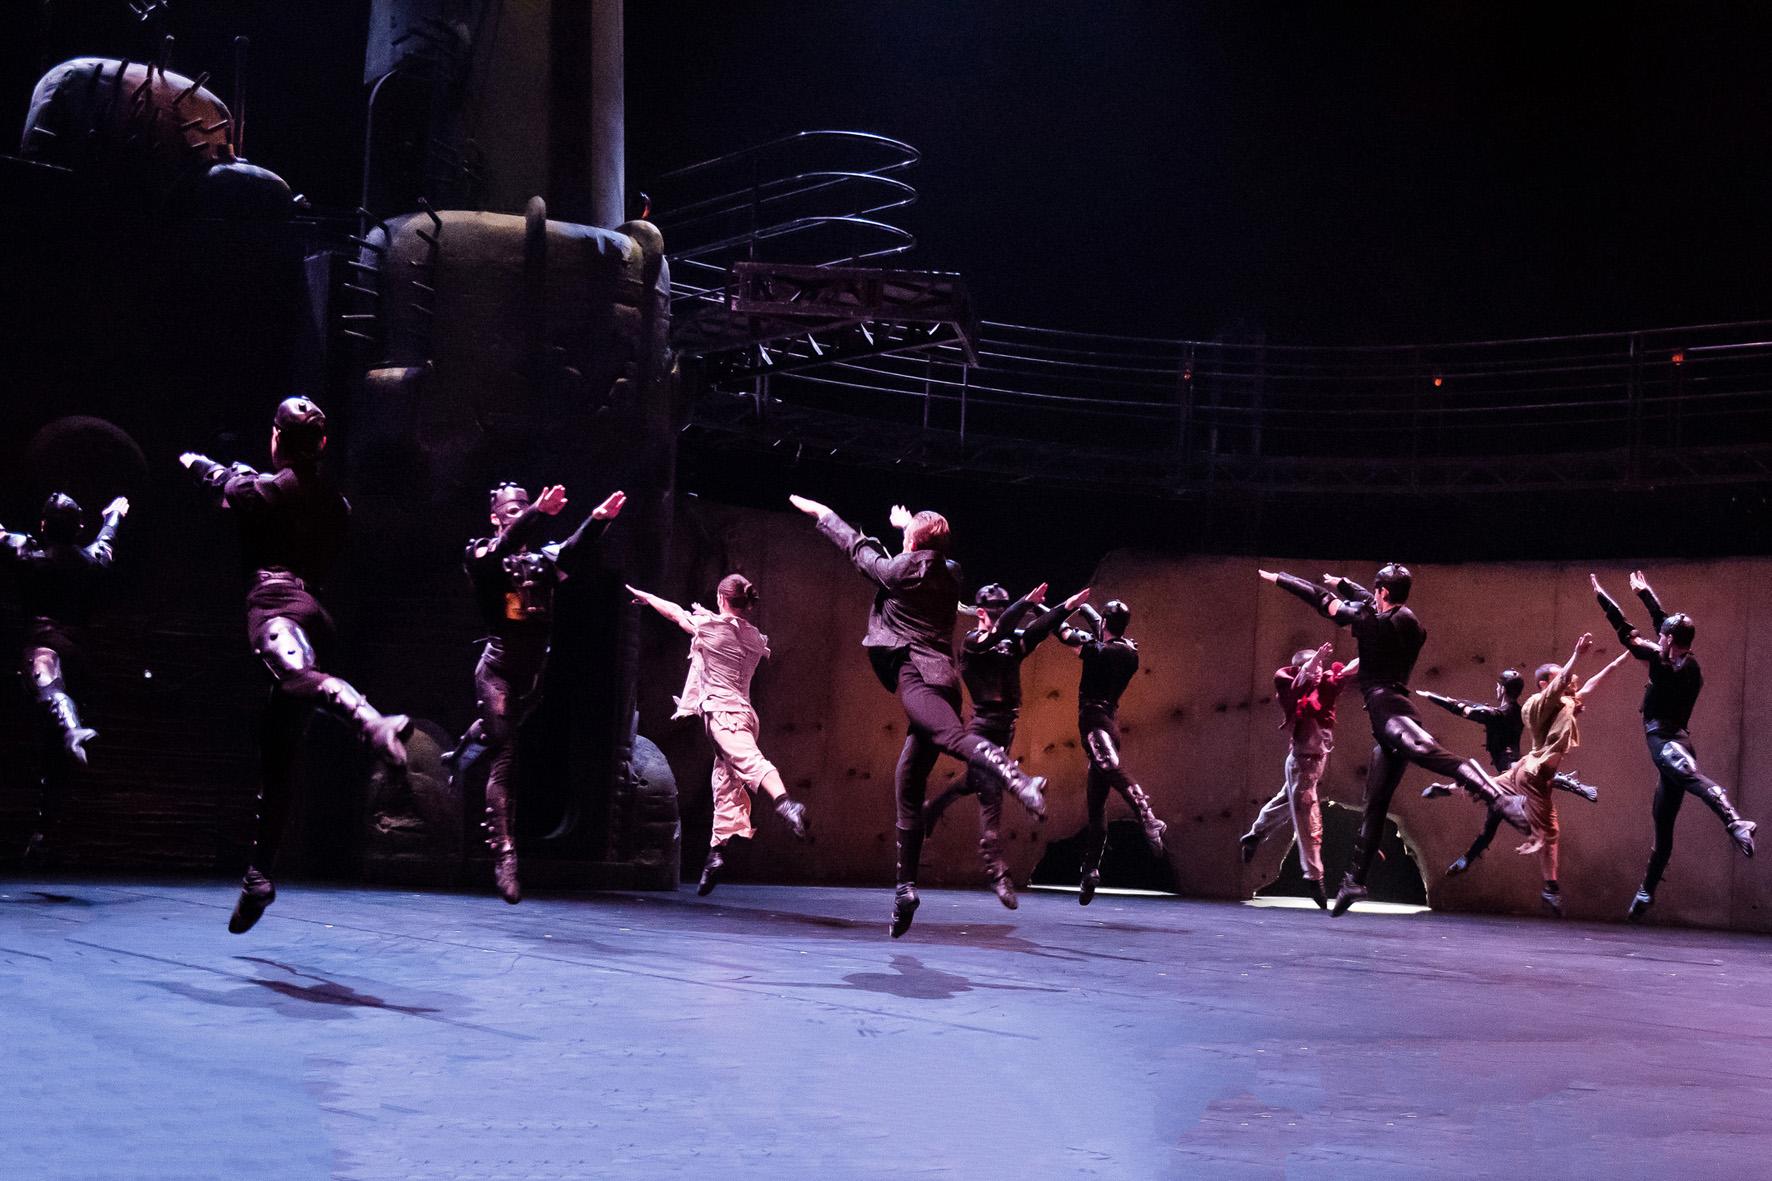 """Debutta il 12 settembre 2017 al Teatro Regio di Torino  """"ROMÉO ET JULIETTE"""" di ANGELIN PRELJOCAJ  SPETTACOLO DI INAUGURAZIONE DEL FESTIVAL TORINODANZA 2017"""